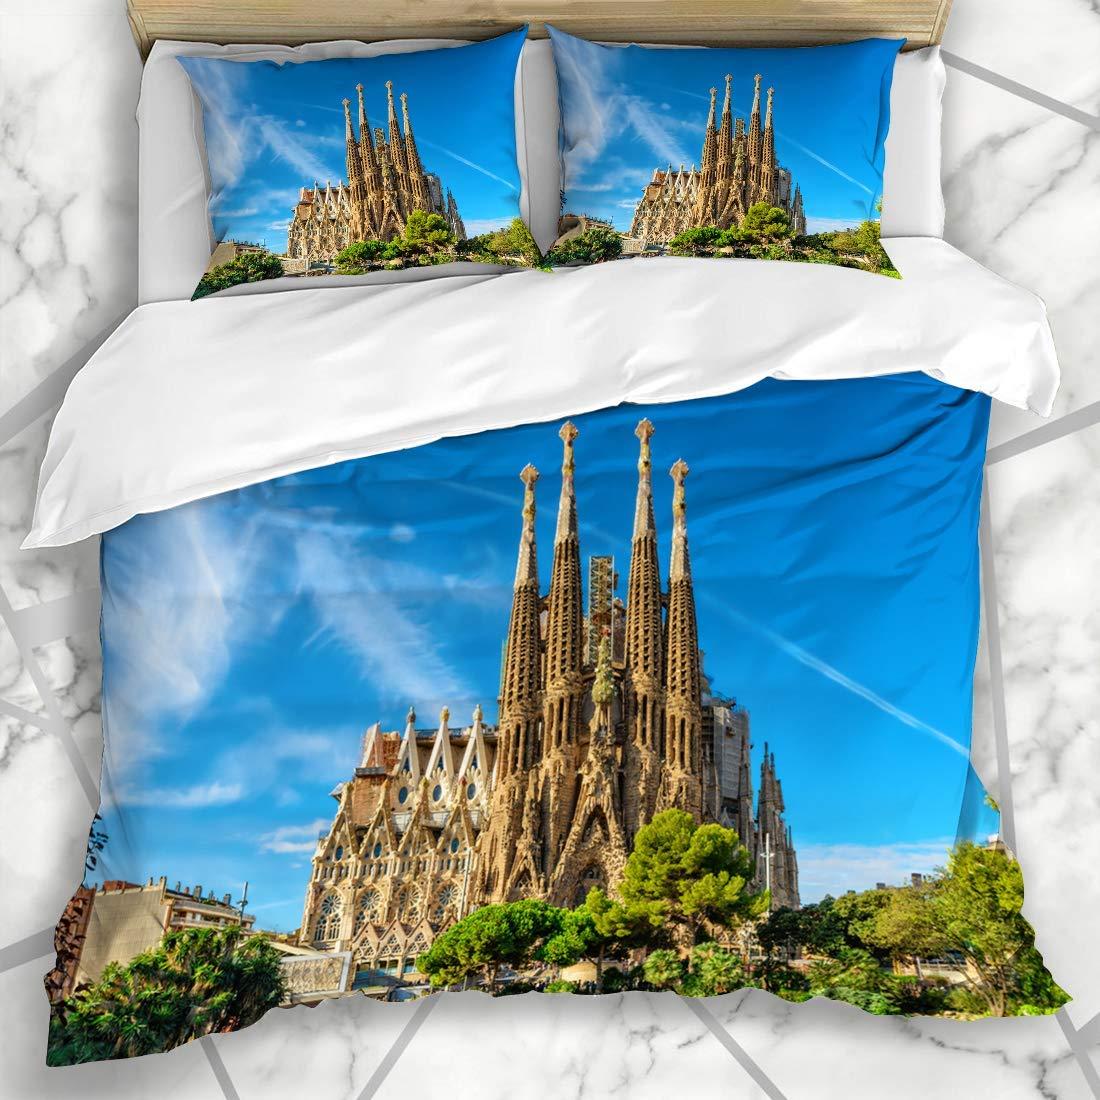 Conjuntos de funda nórdica Ciudad Familia Barcelona España 24 de septiembre Catedral Sagrada Parques exteriores Gaudí España Fachada de Europa Microfibra Ropa de cama con 2 fundas de almohada: Amazon.es: Hogar